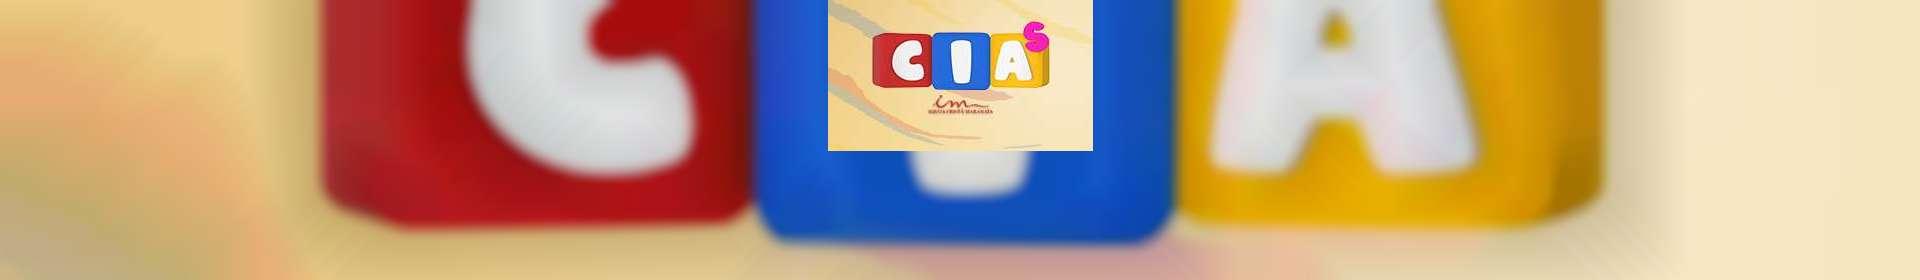 Aula de CIAS: classe de 11 a 15 anos - 11 de junho de 2020